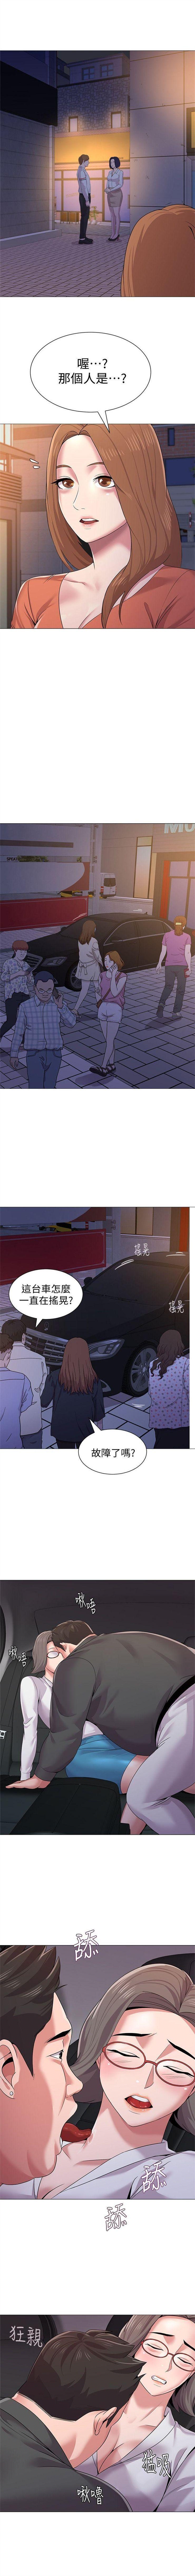 (周3)老师 1-56 中文翻译(更新中) 121